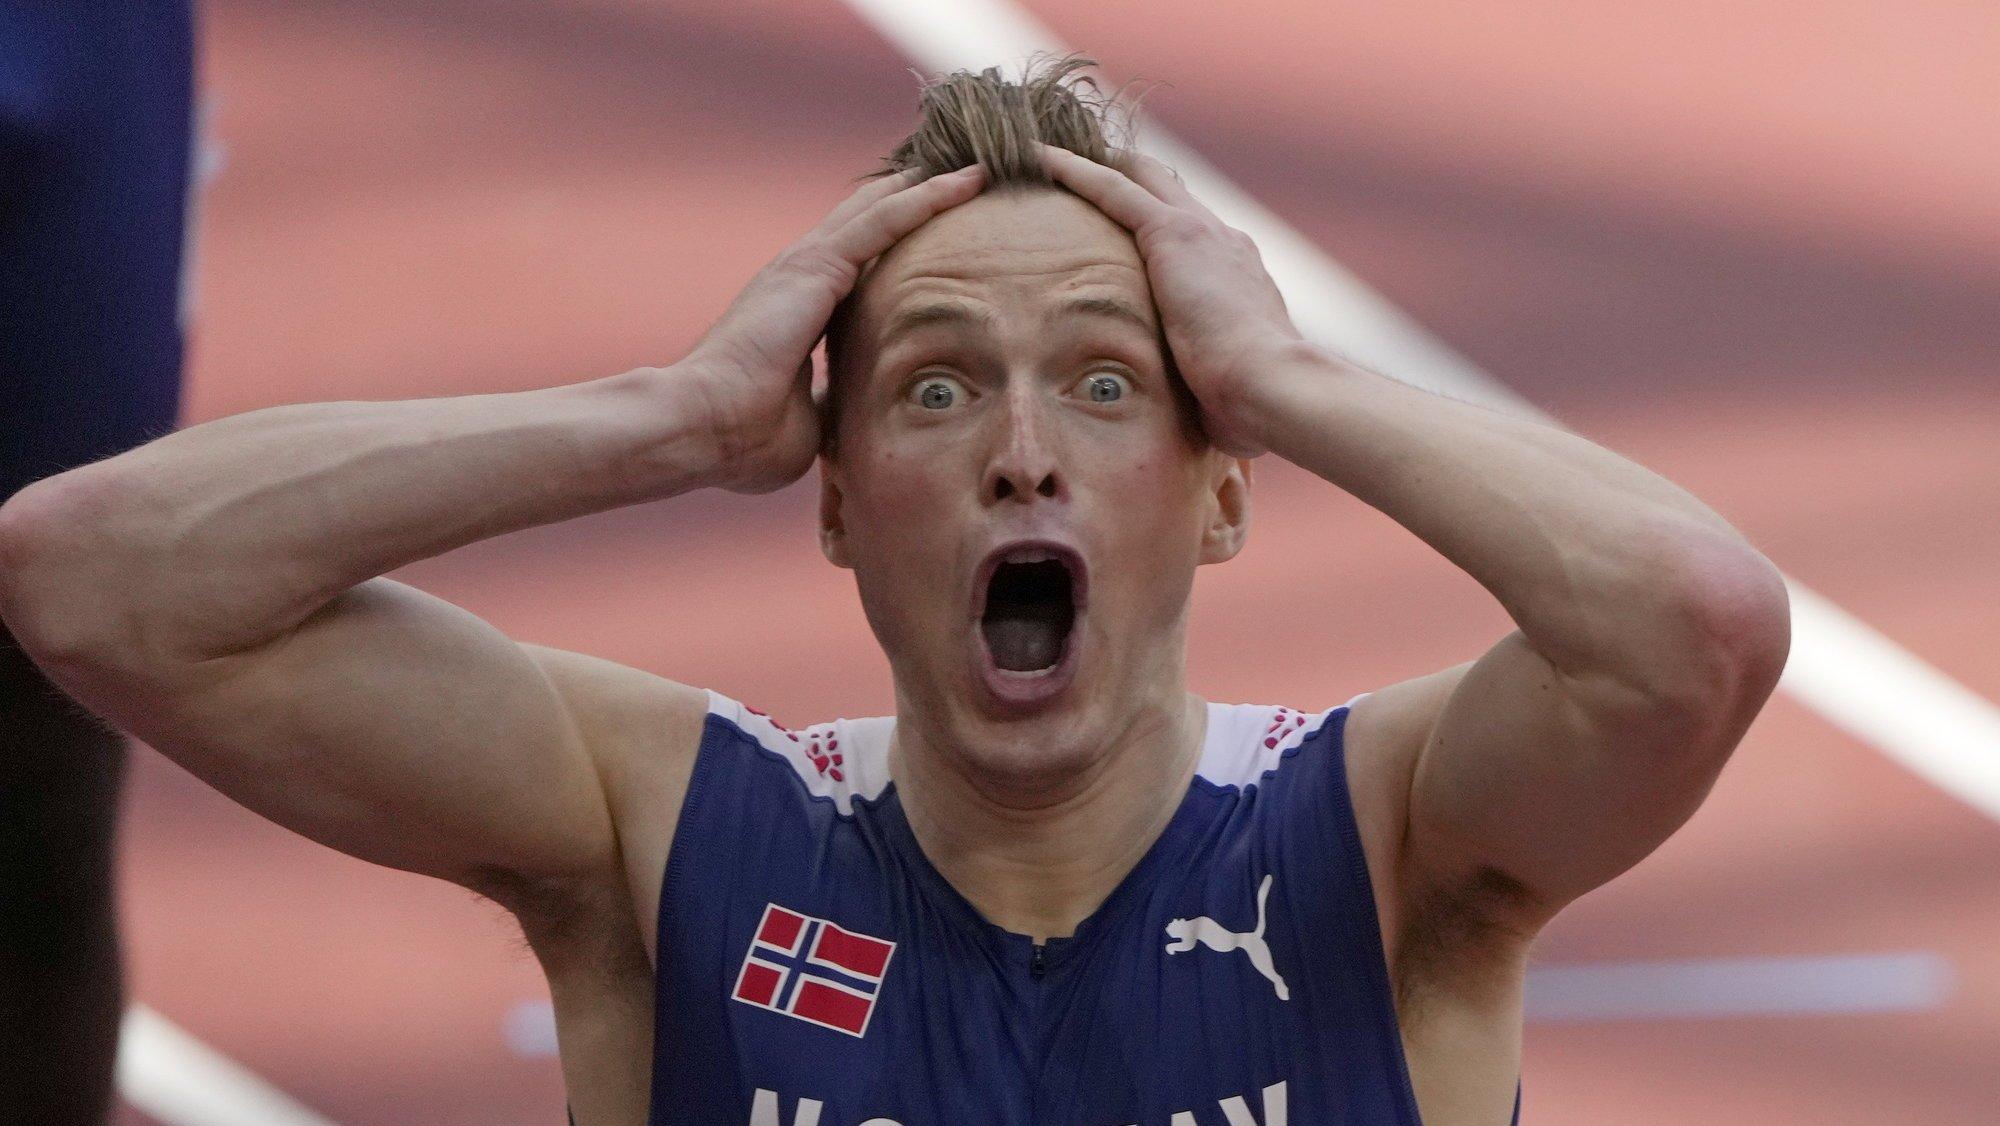 Karsten Warholm n'a pas été le seul étonné par son record du monde sur 400m haies.